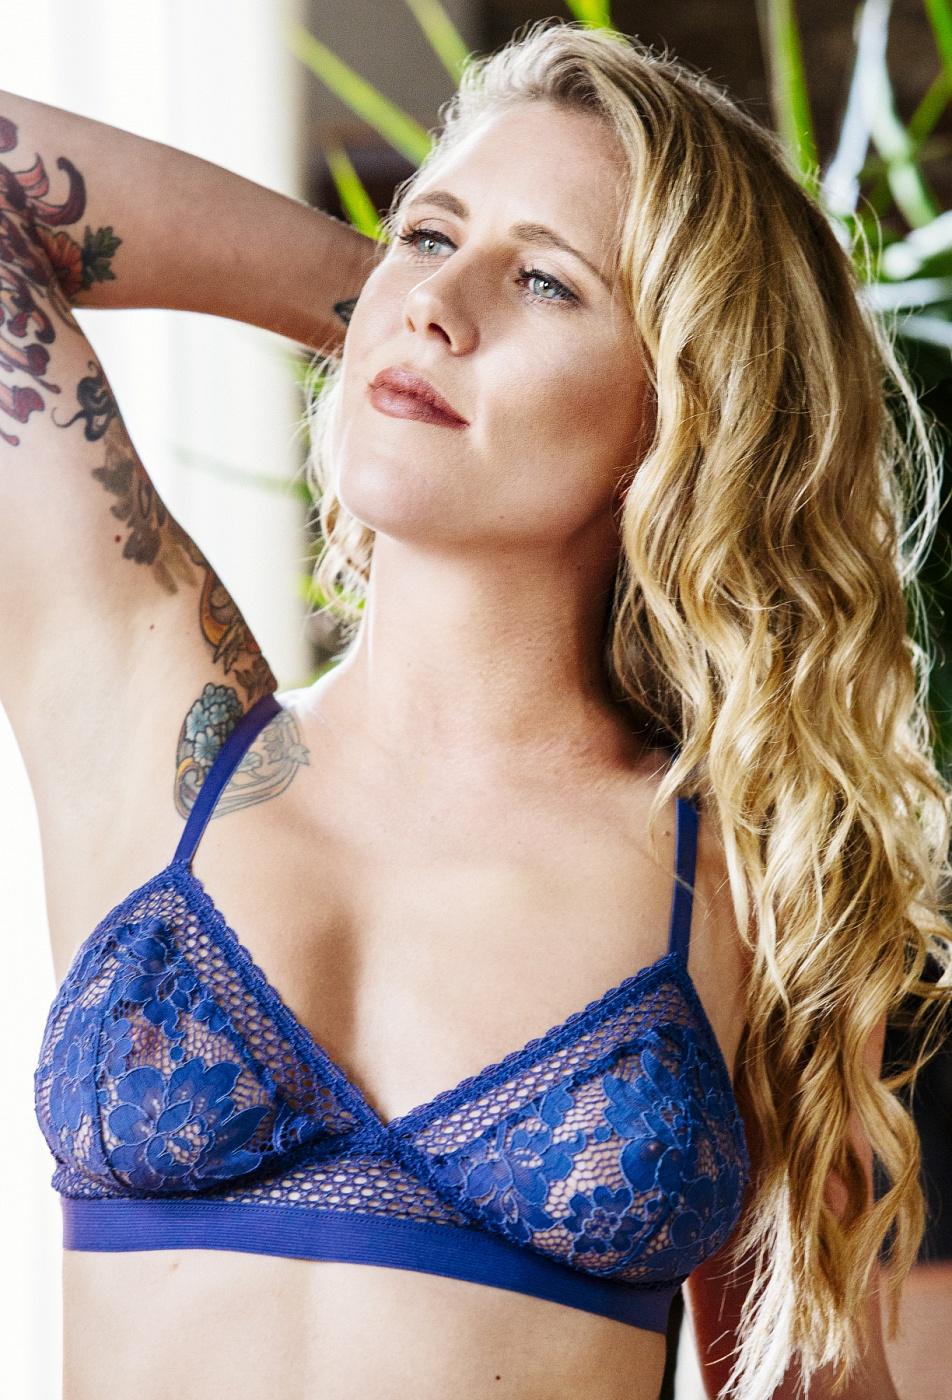 Savannah Grace